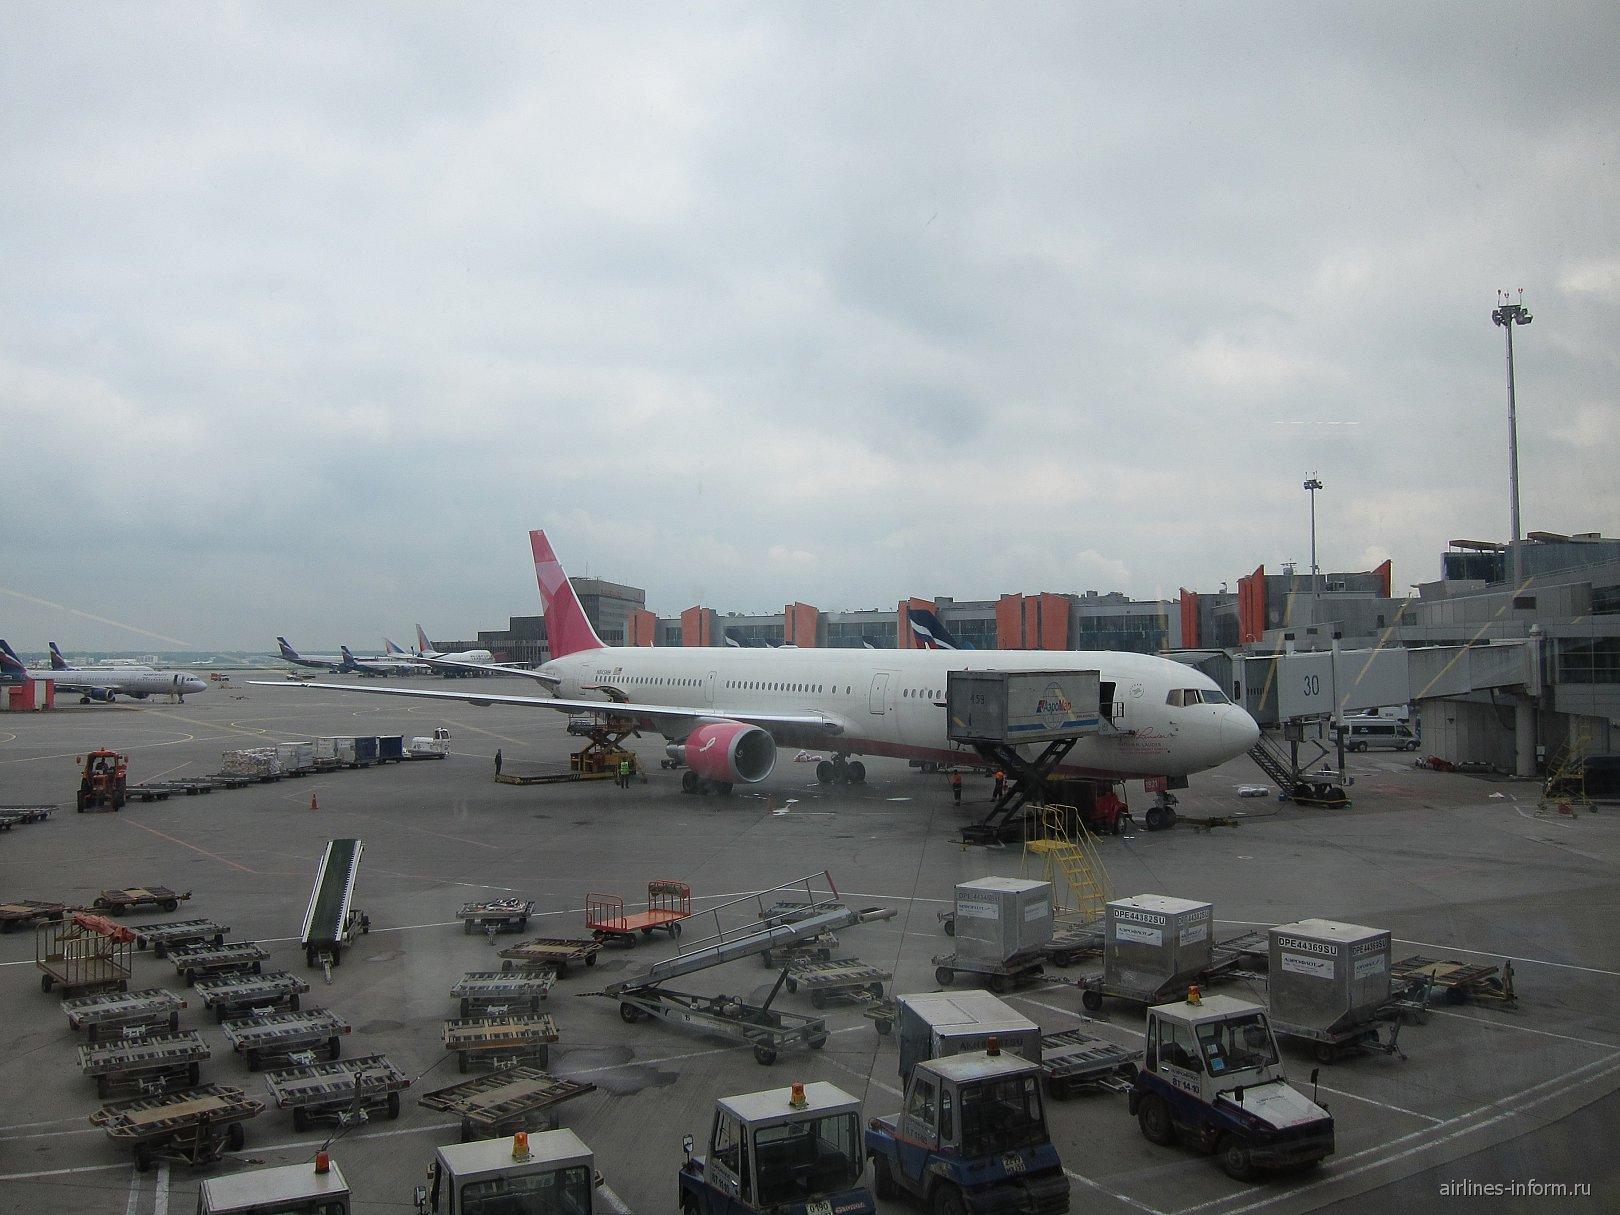 Боинг-767-400 авиакомпании Дельта в аэропорту Шереметьево